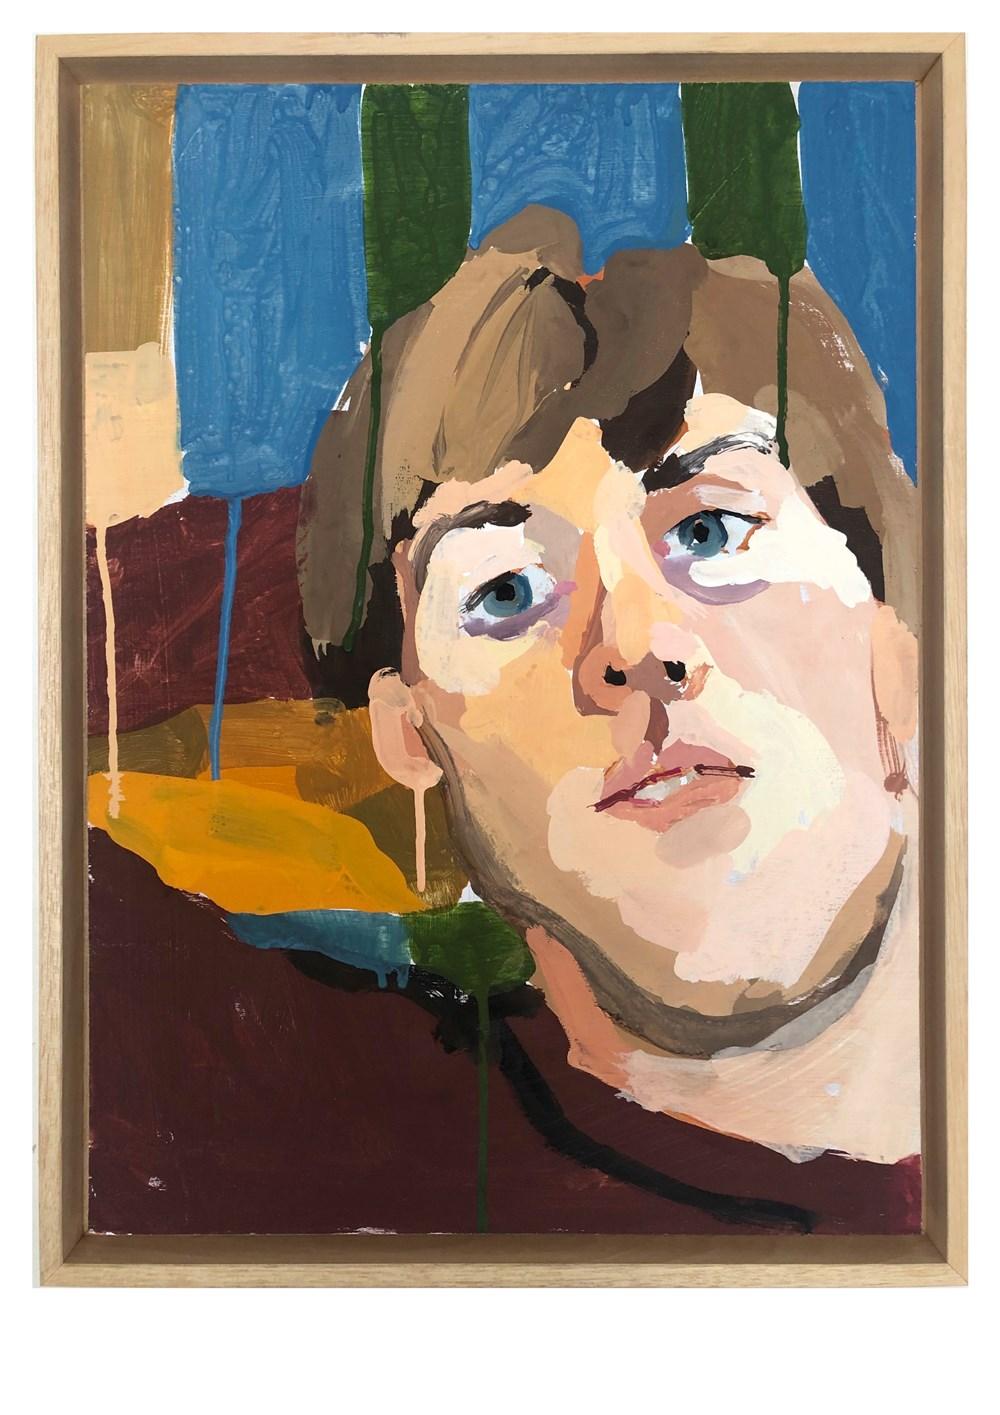 To My Twenties - Lot 13, Eddie Howard, Jack Facetime Screenshot